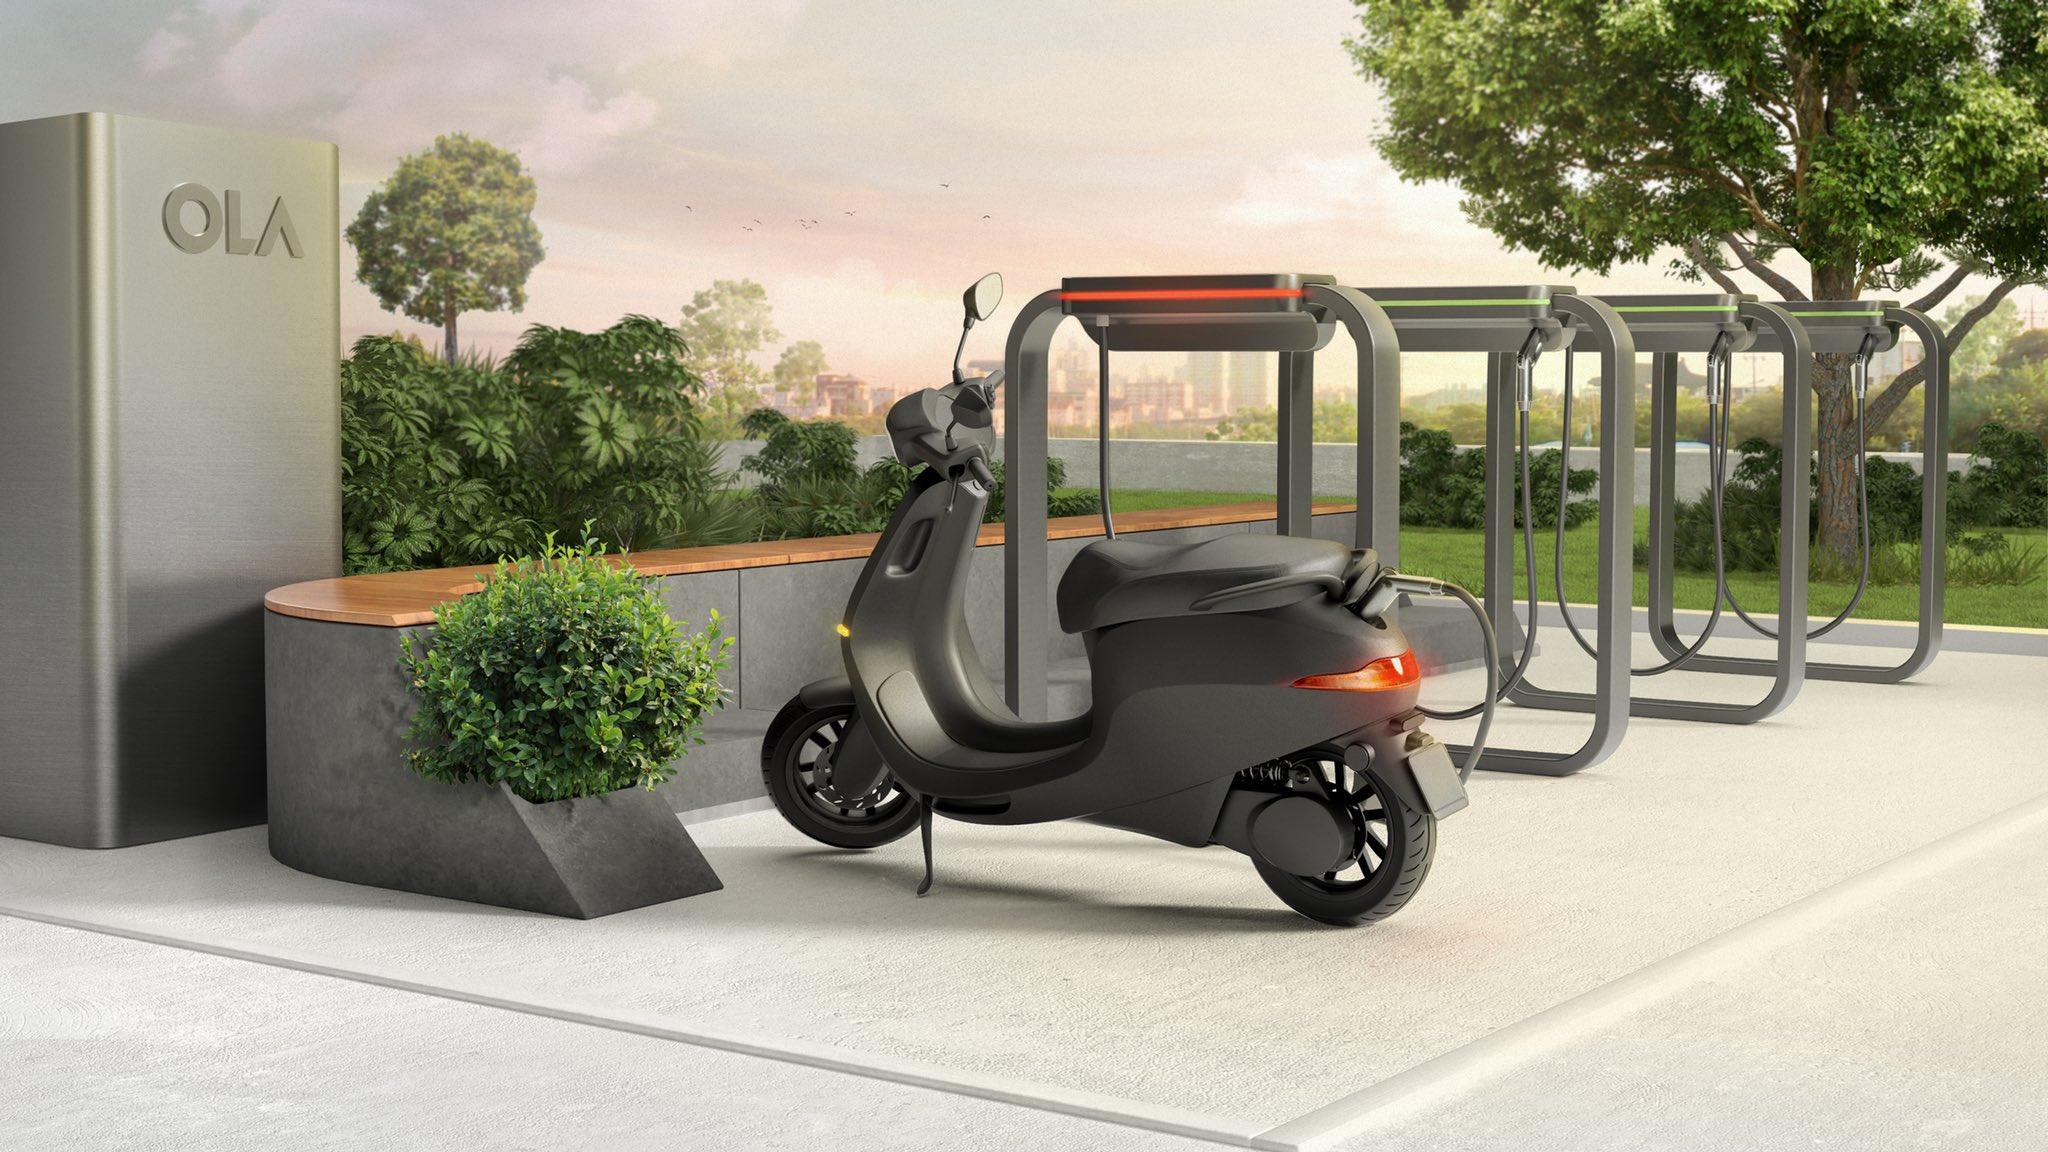 ১৮ মিনিটের চার্জে যাবে ৭৫ কিমি - ৪৯৯ টাকায় বুকিং করা যাচ্ছে Ola electric scooter (ছবি সৌজন্য টুইটার)